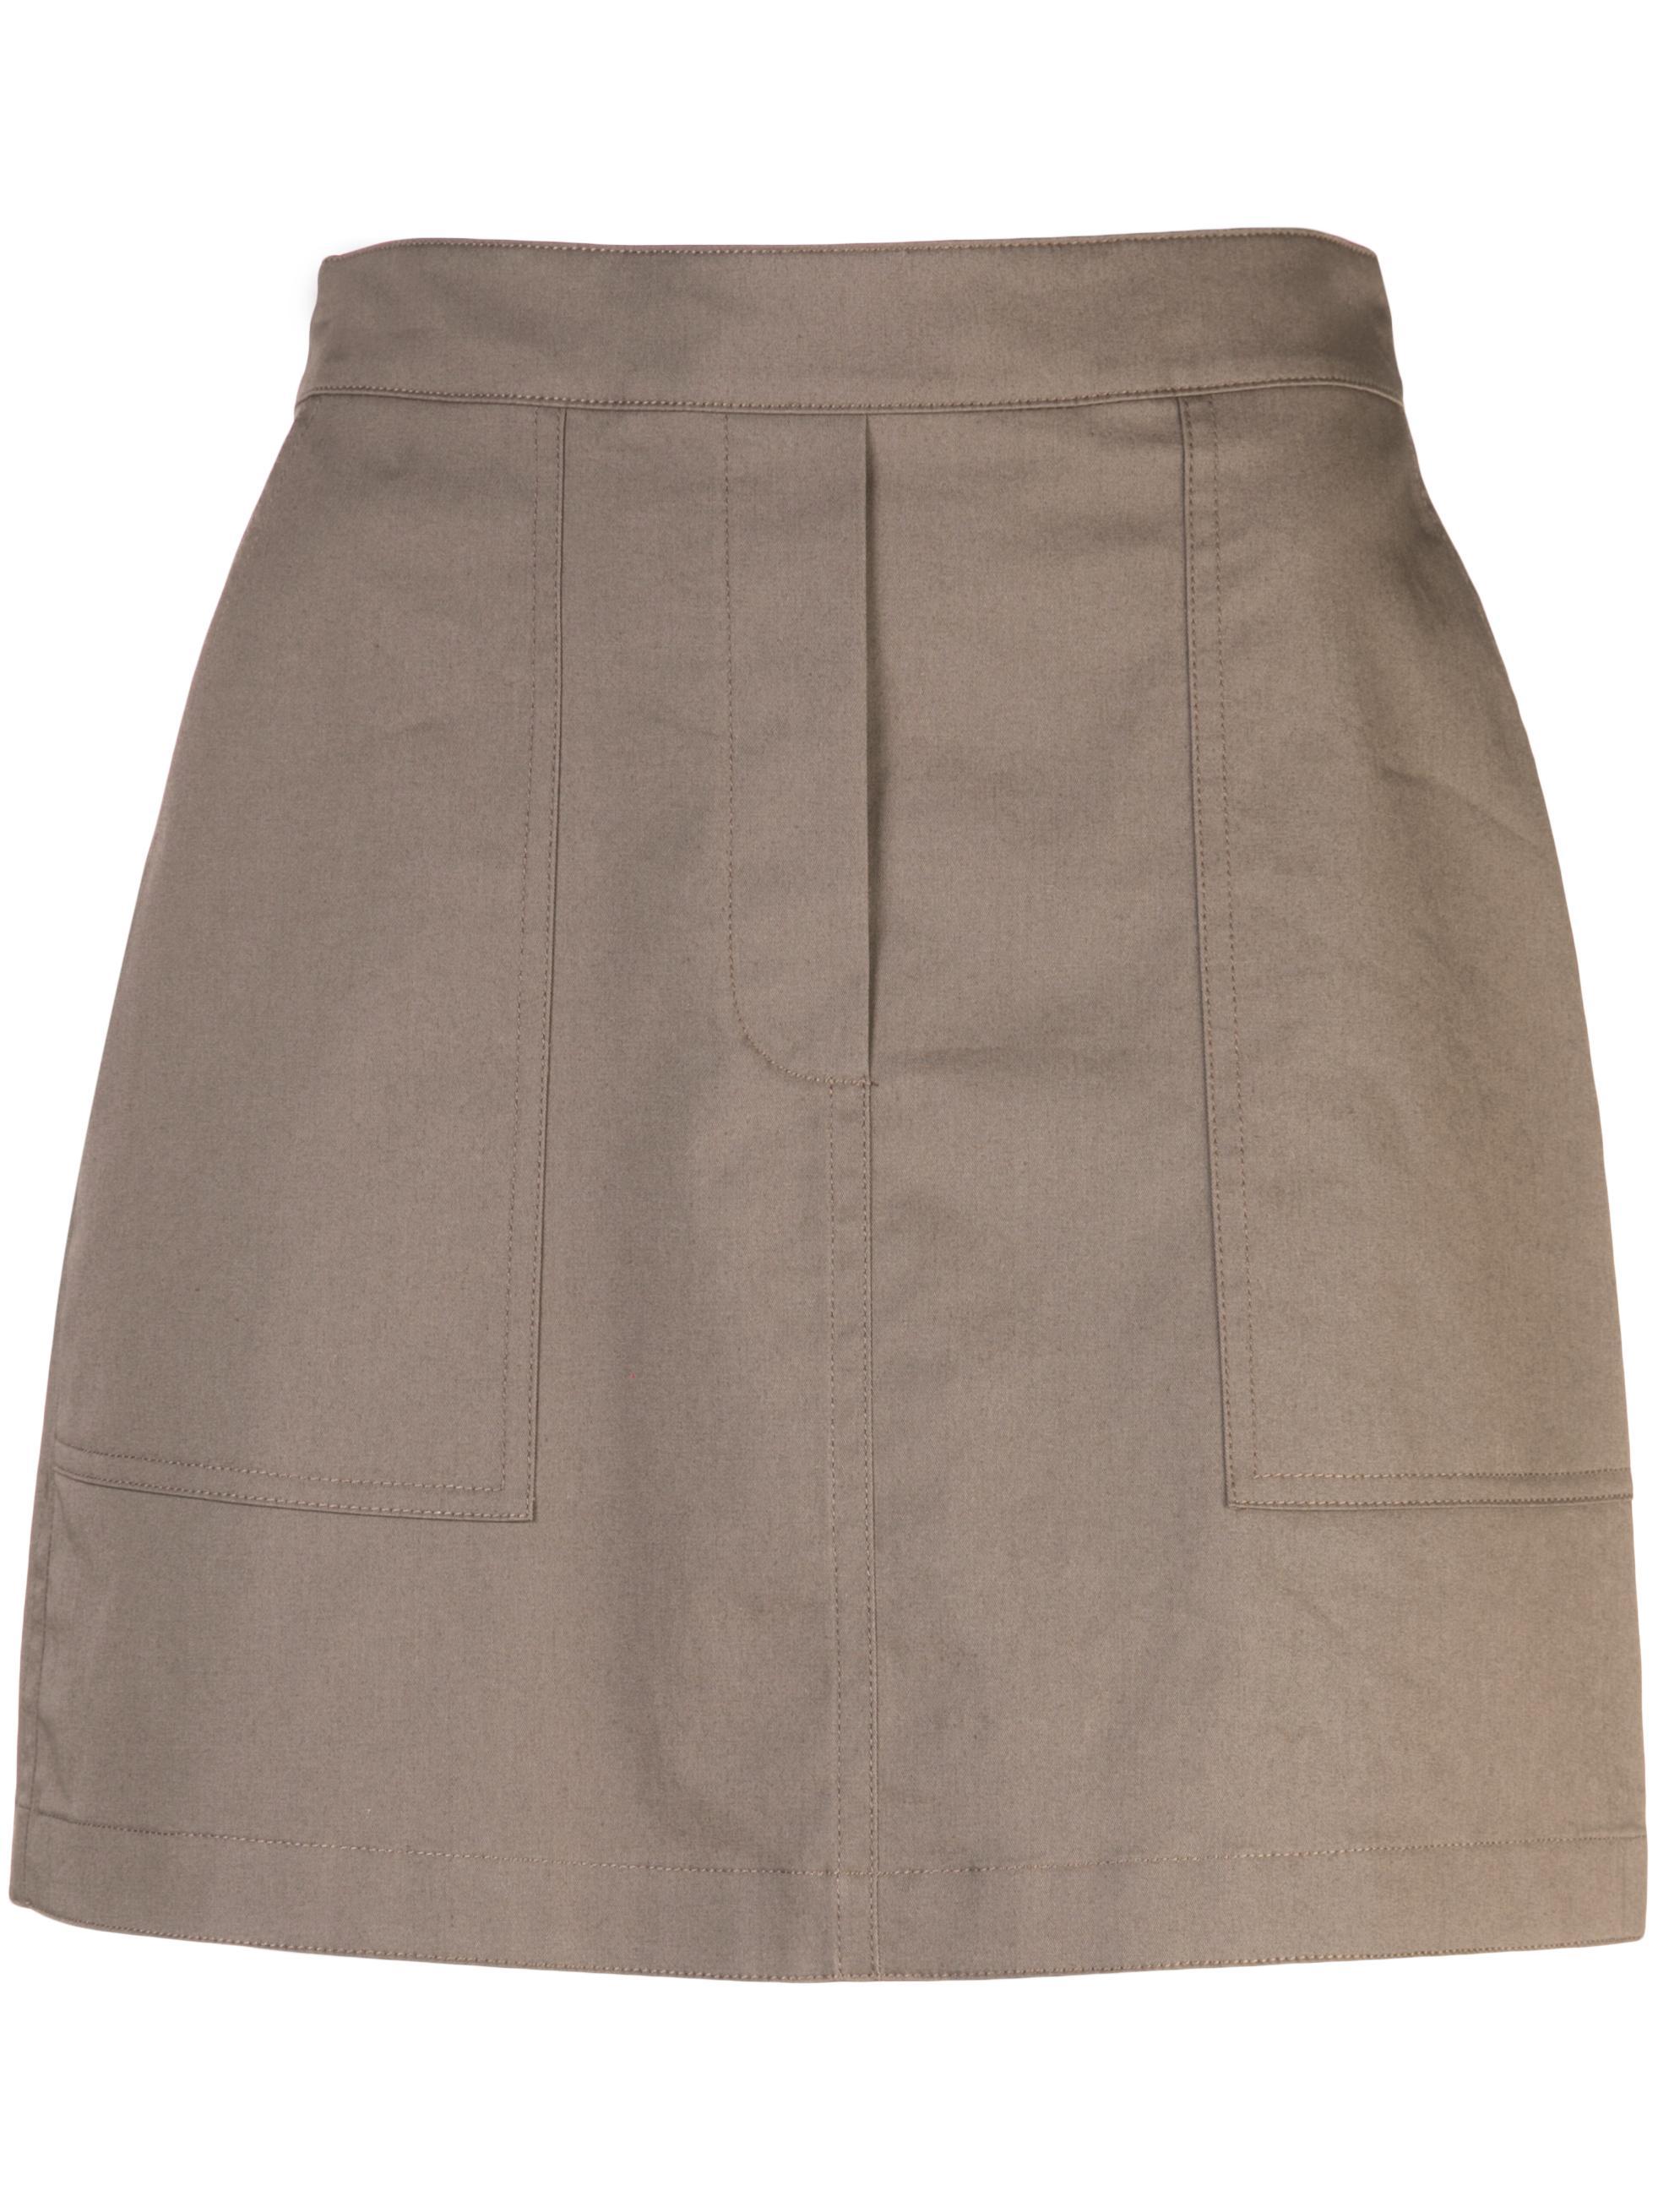 Stitched Pocket High Waist Mini Skirt Item # J0404305